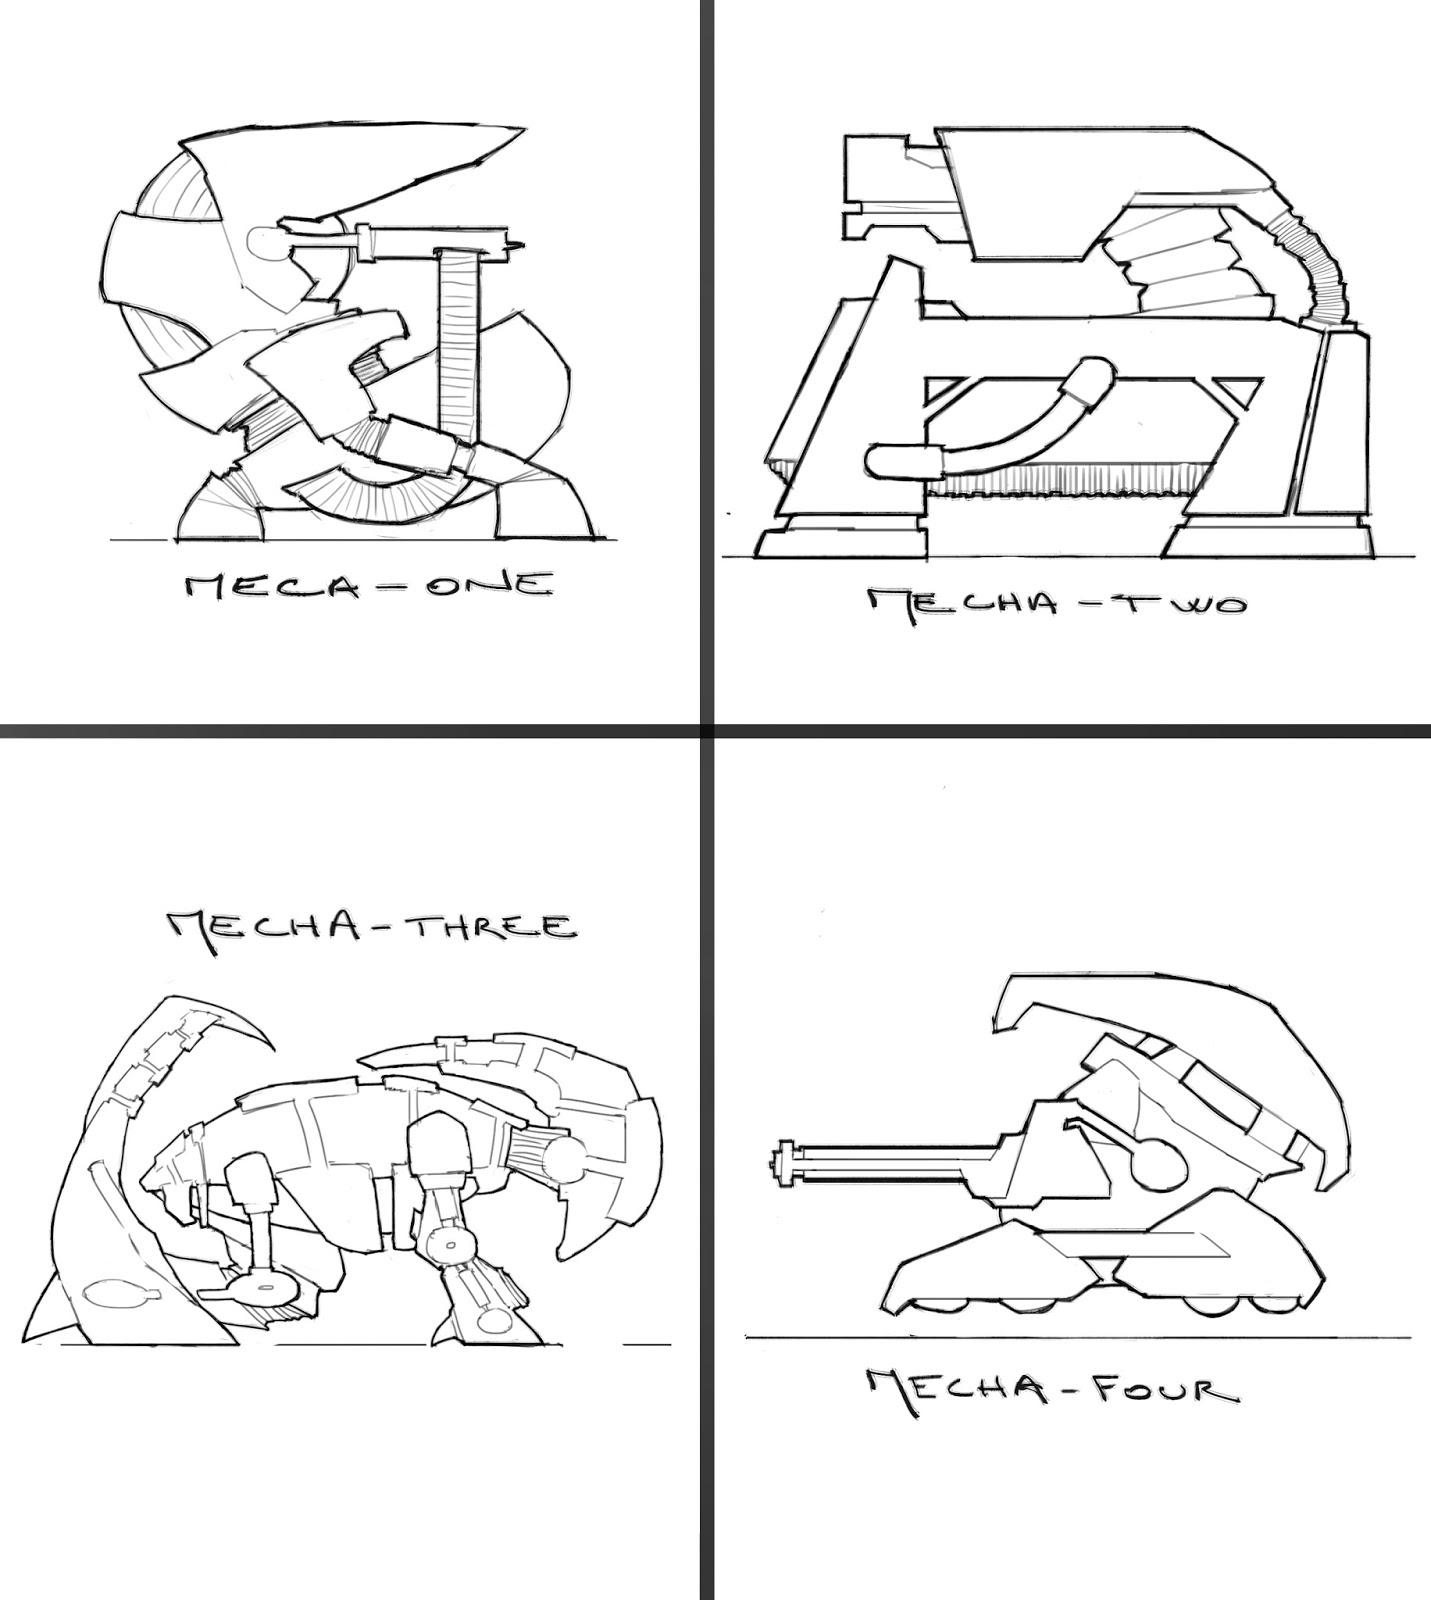 [SPOLYK] - Geometries & sketches Exos%2Bphase%2B4